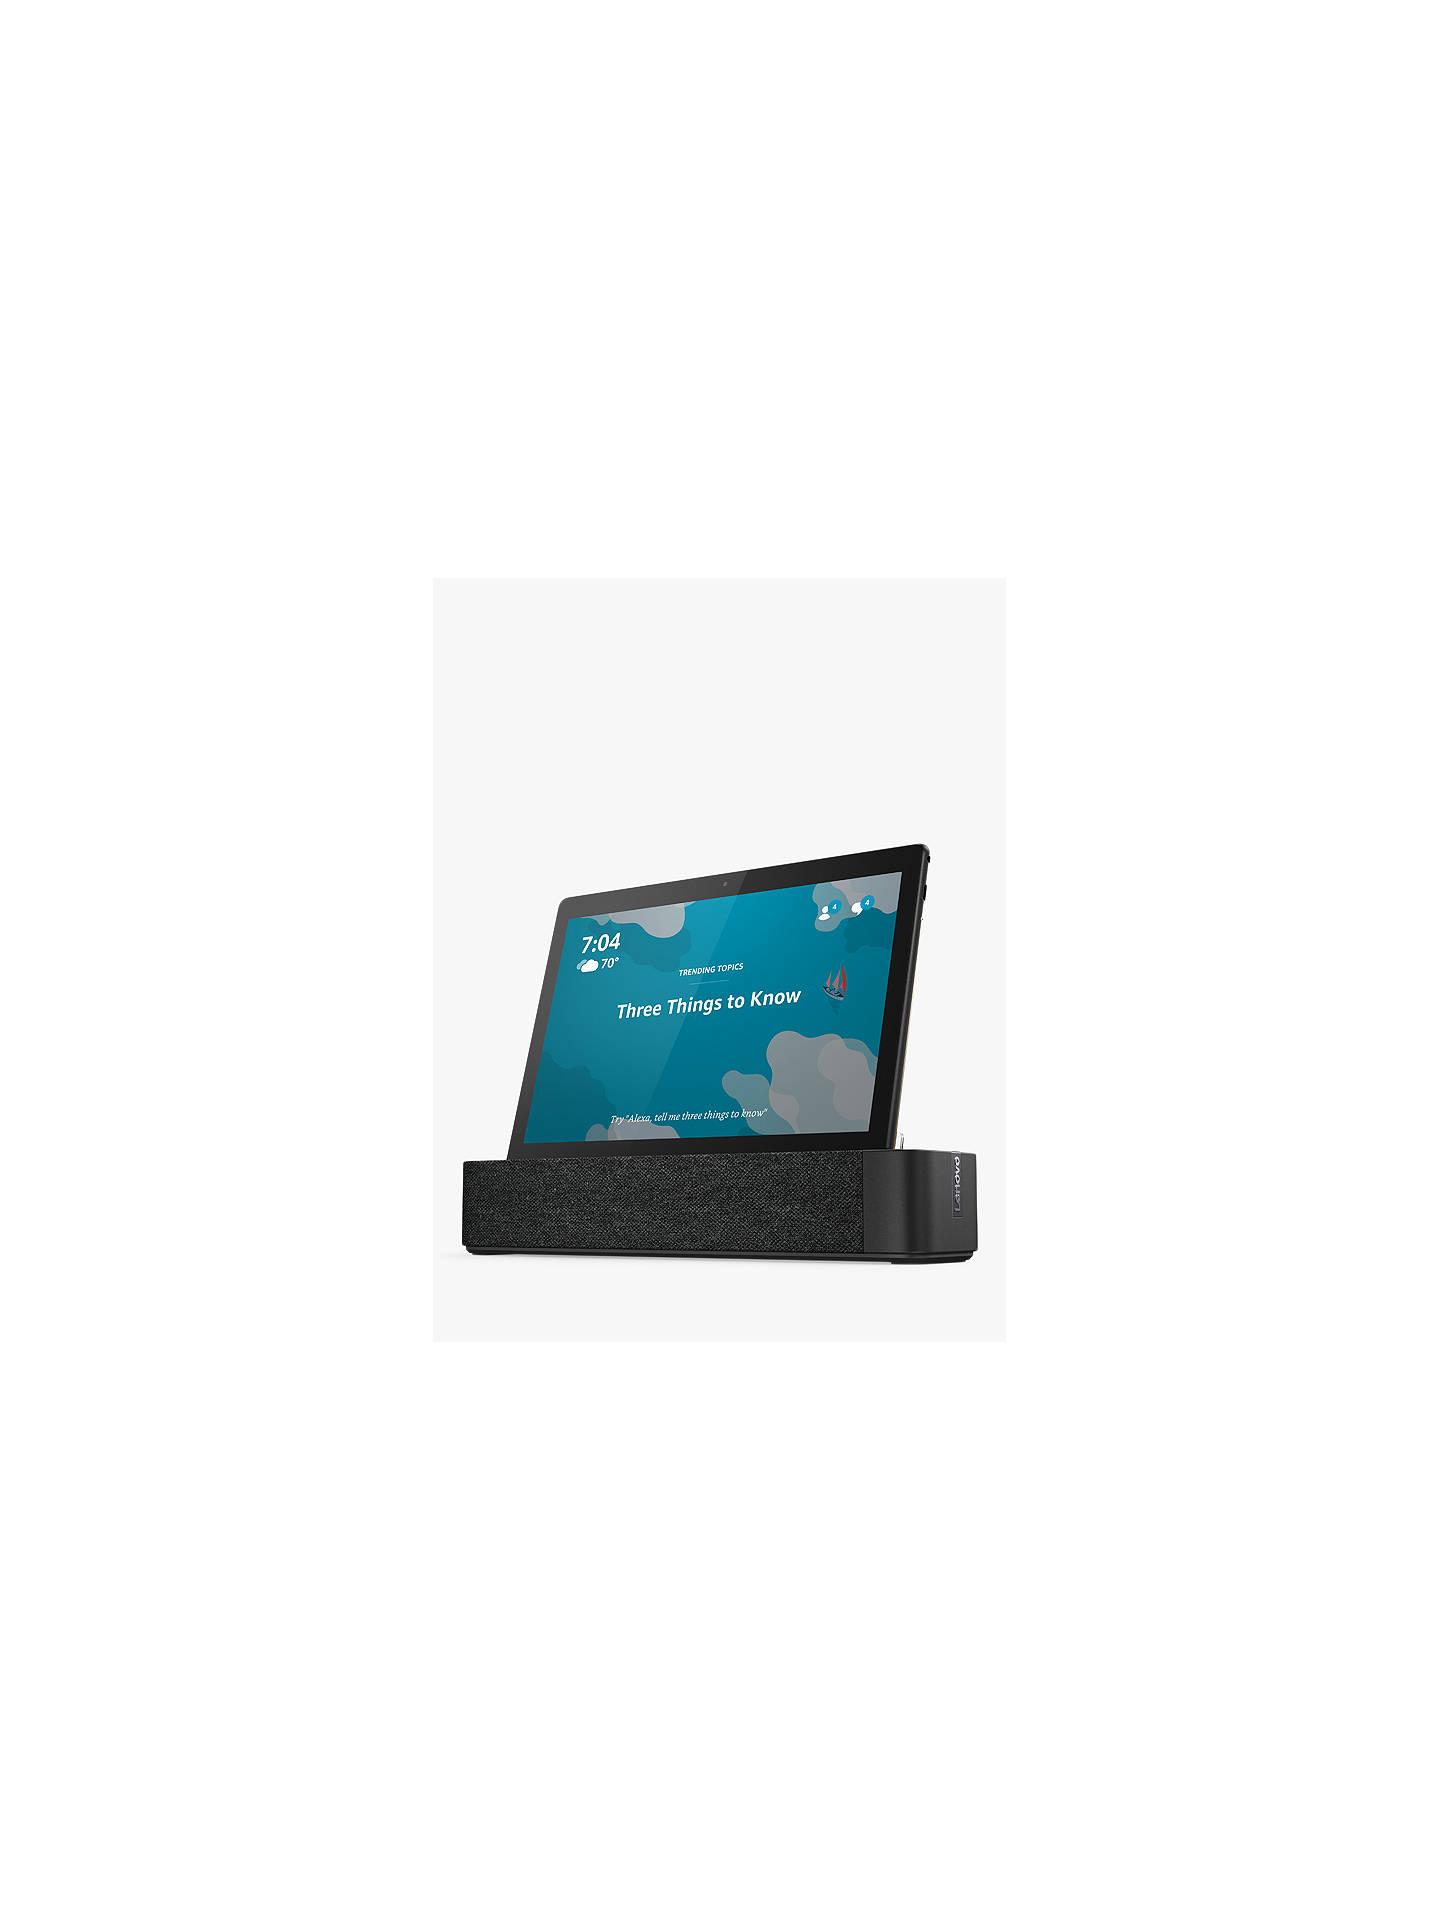 Lenovo Tab M10 TB-X605F Tablet, Android, Wi-Fi, 3GB RAM, 32GB eMMC, 10 1